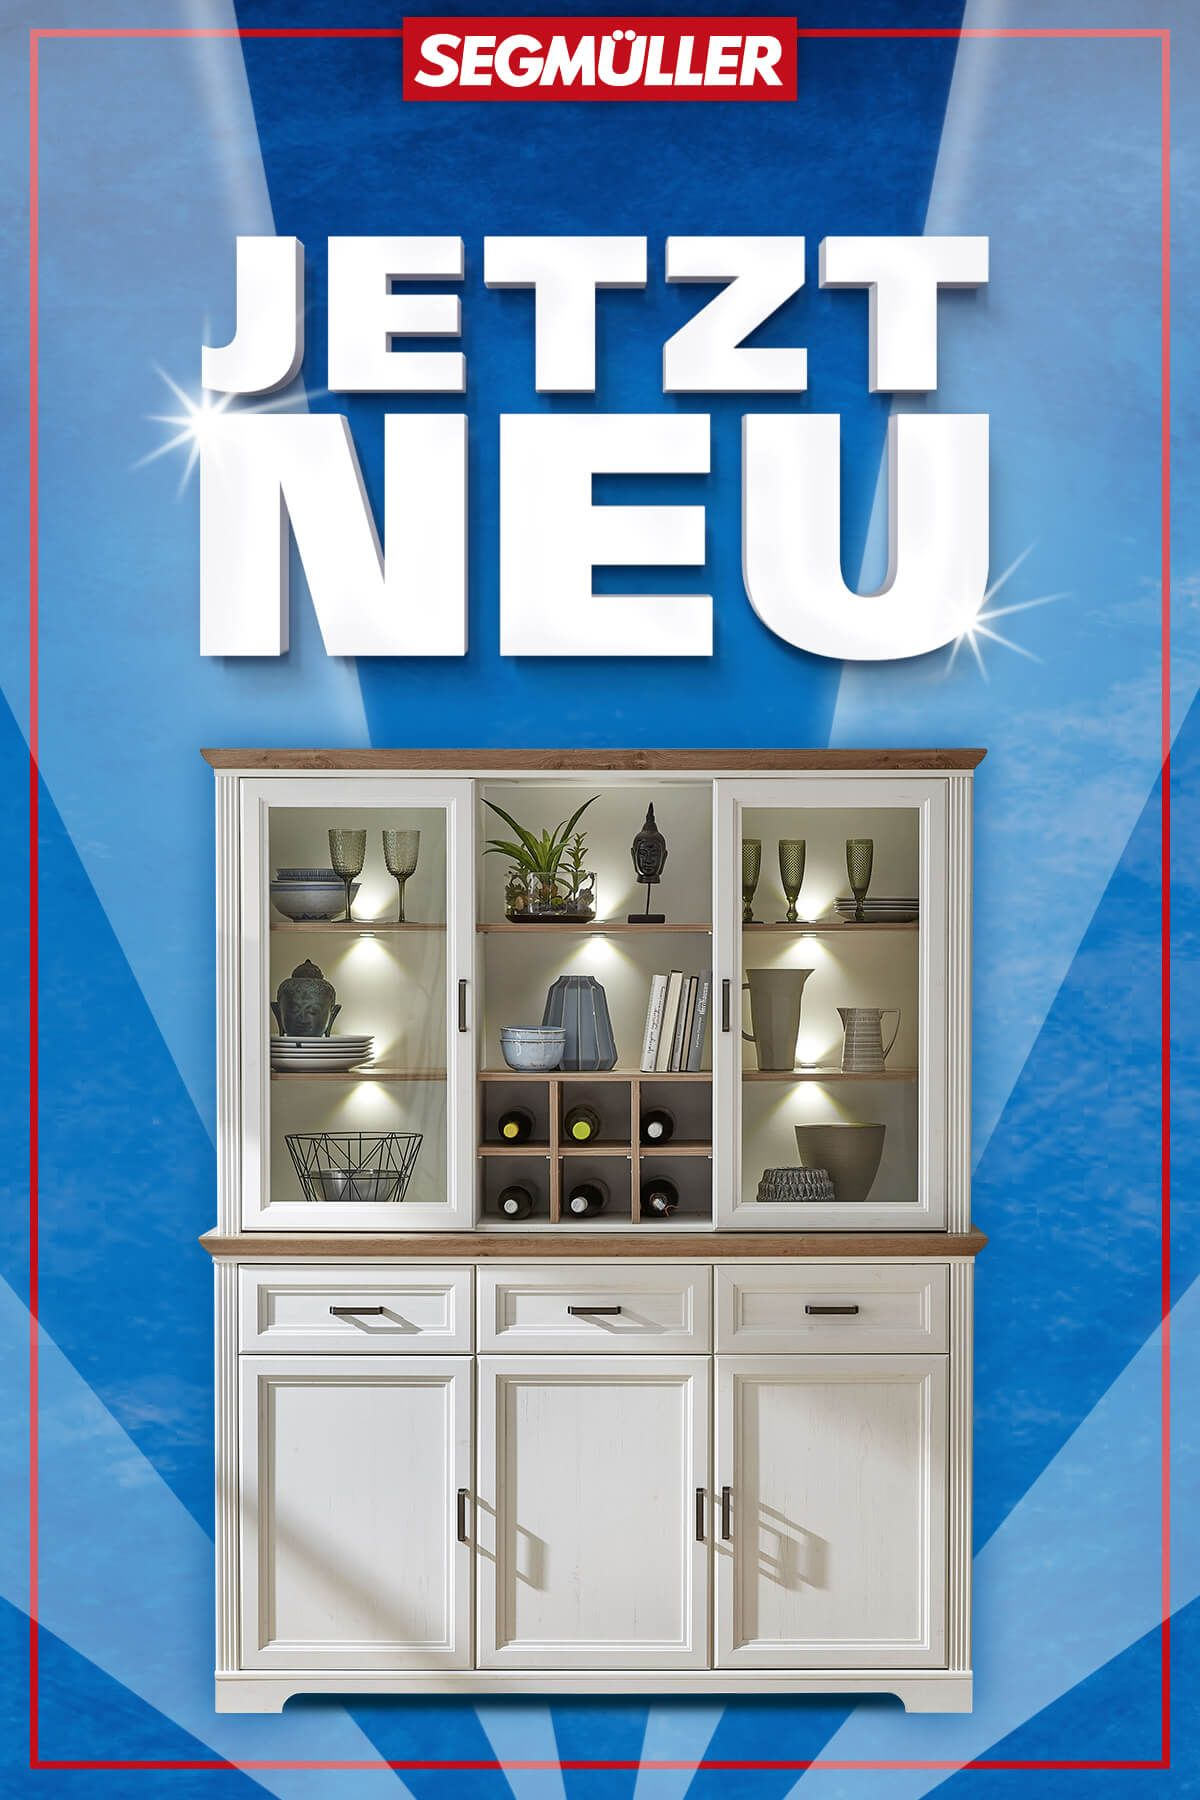 Buffet Jasmin Led Beleuchtung In 2020 Led Beleuchtung Beleuchtung Haus Und Wohnen